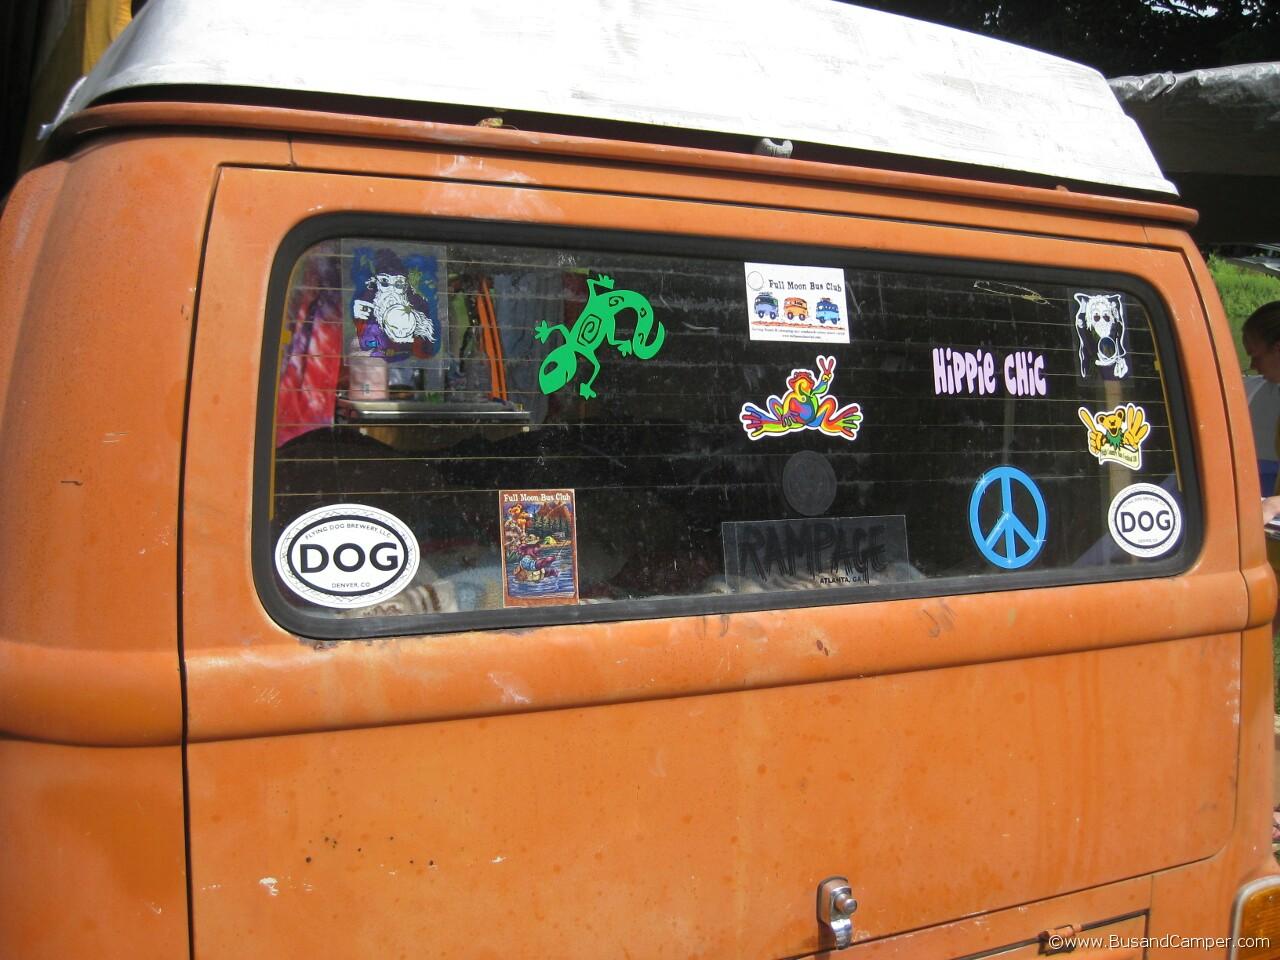 Gekko and DOG sticker 21